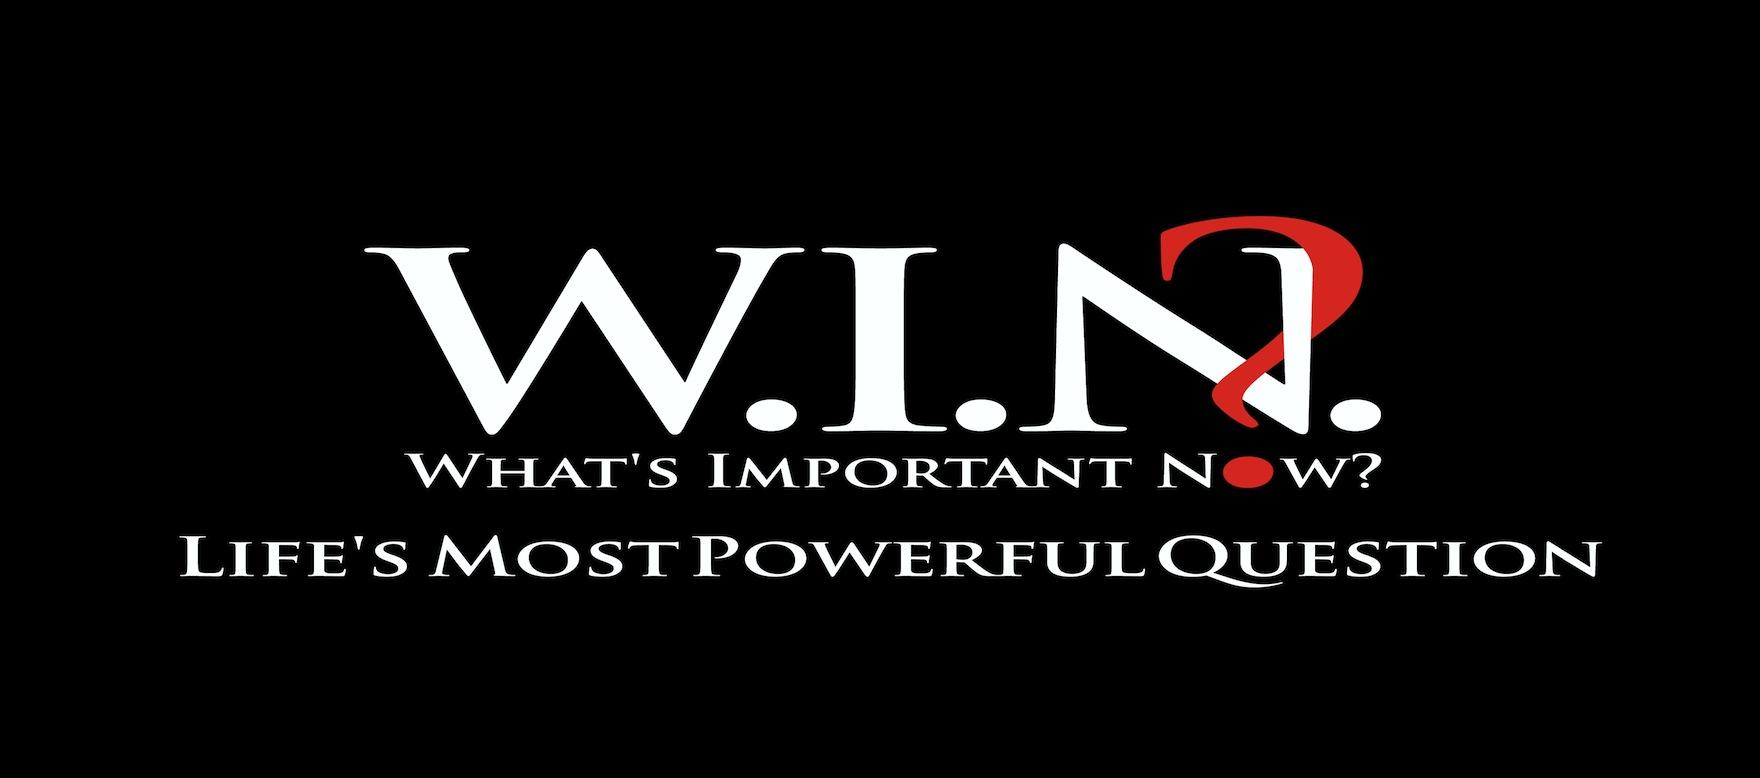 WIN-LO-FF-tag Narrow and Long.jpg